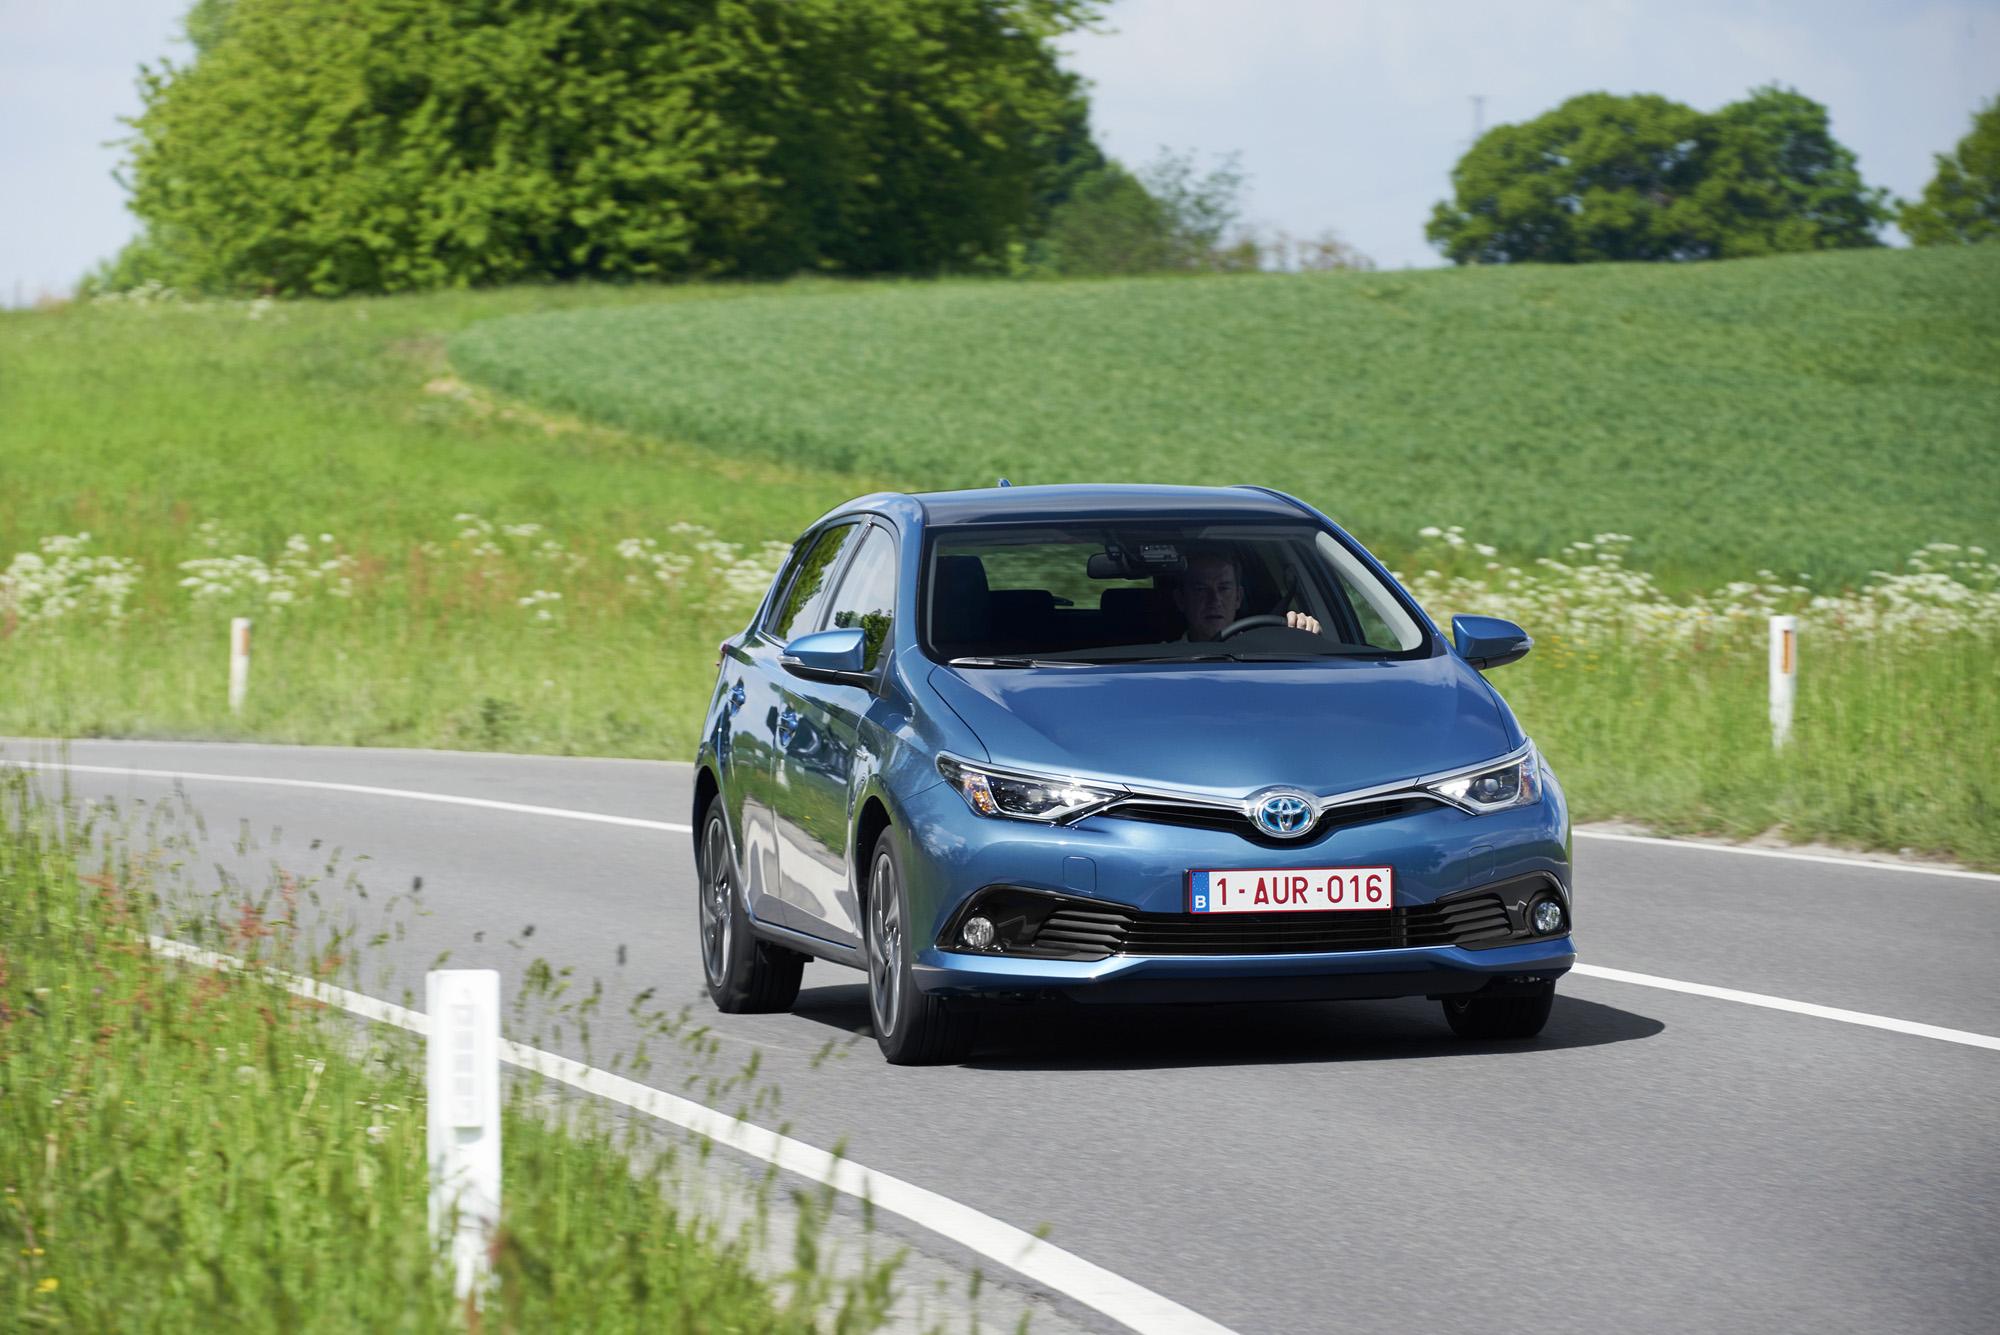 Yeni Auris 2015  fiyatlarında radikal bir değişiklik beklenmiyor, 4 versiyonla 4 farklı donanım paketi olacak.